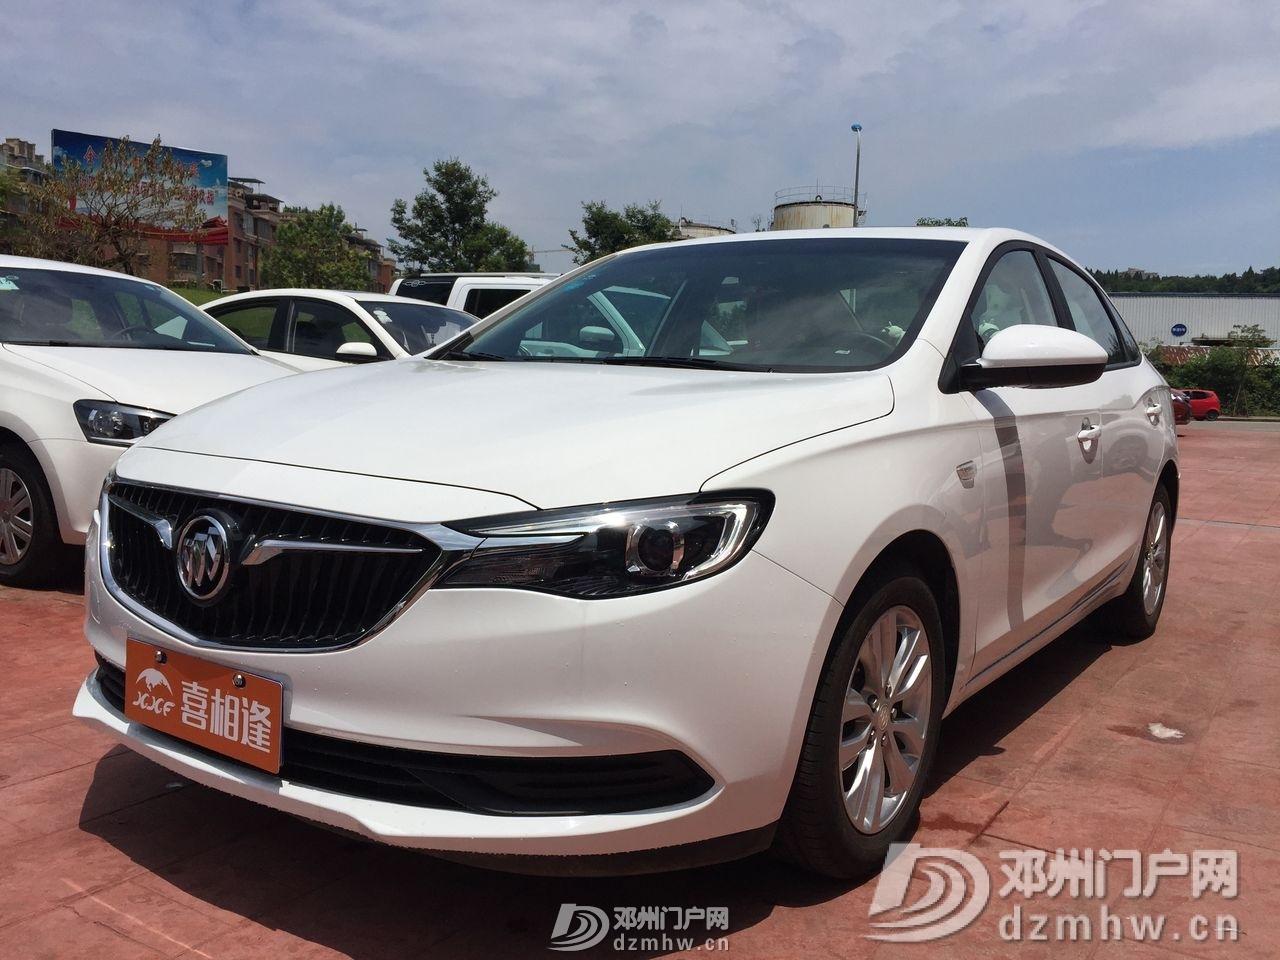 分期购车  一成首付 - 邓州门户网|邓州网 - 1.jpg